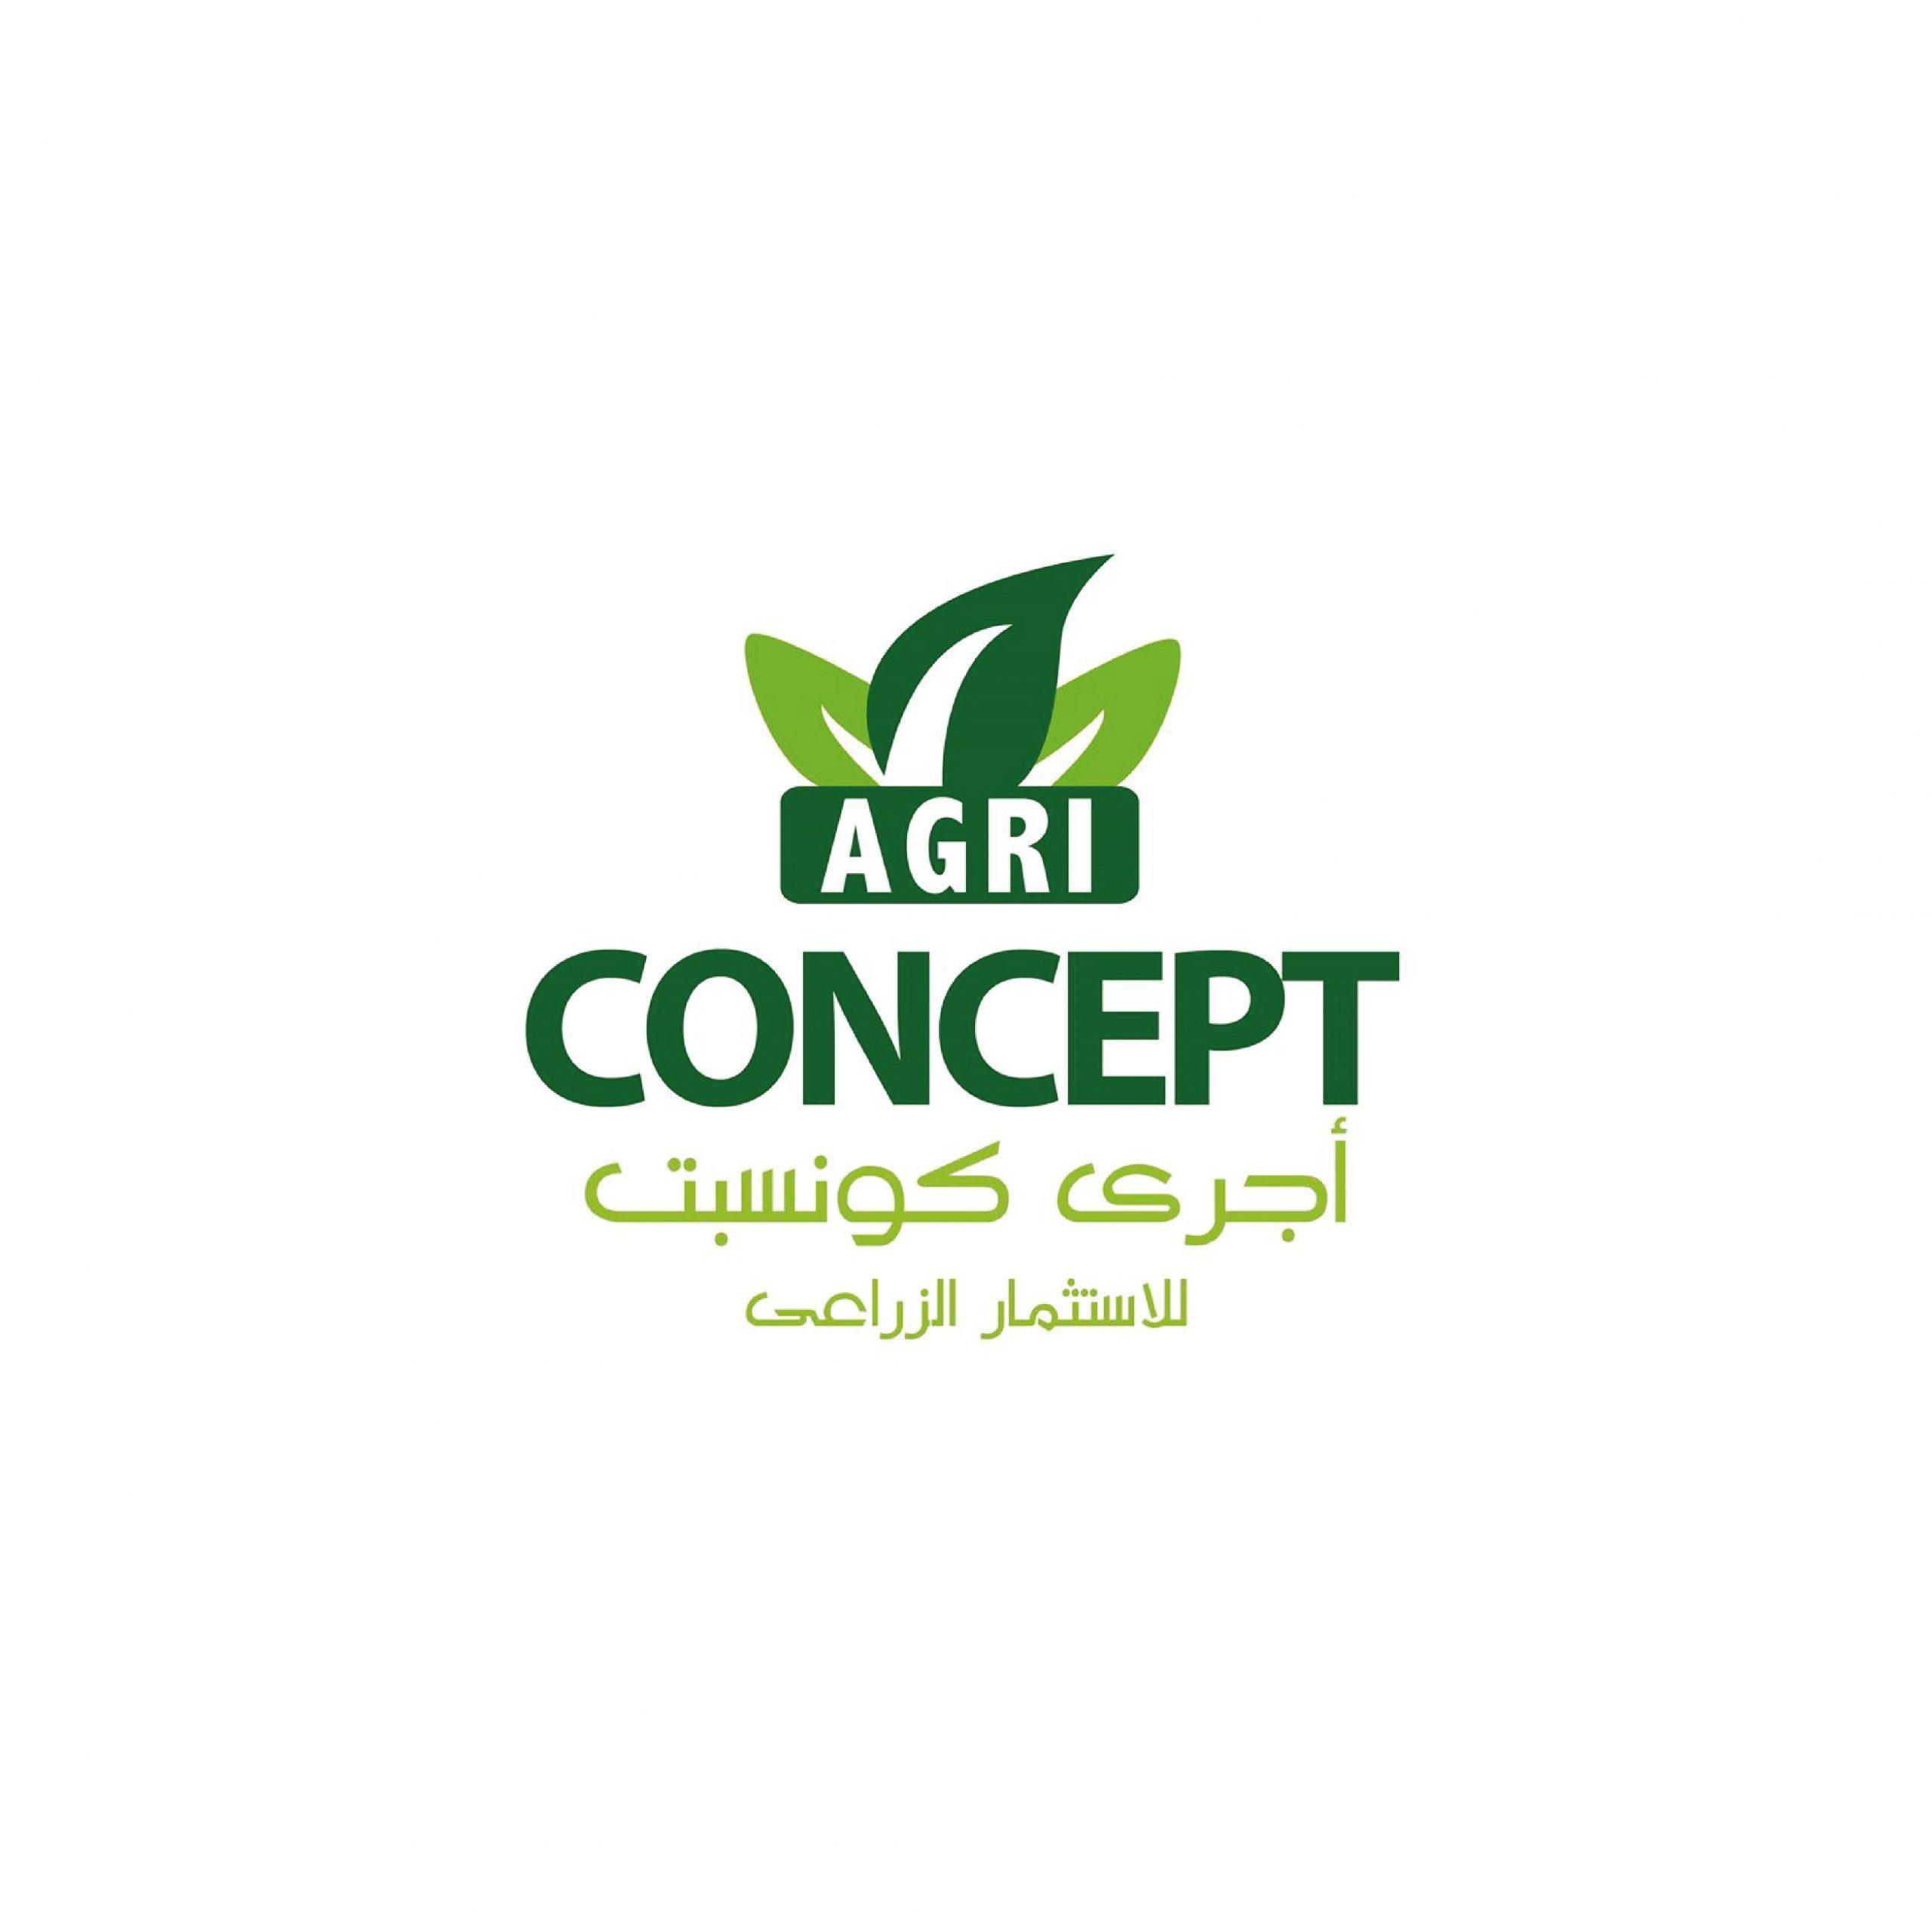 Agri Concept